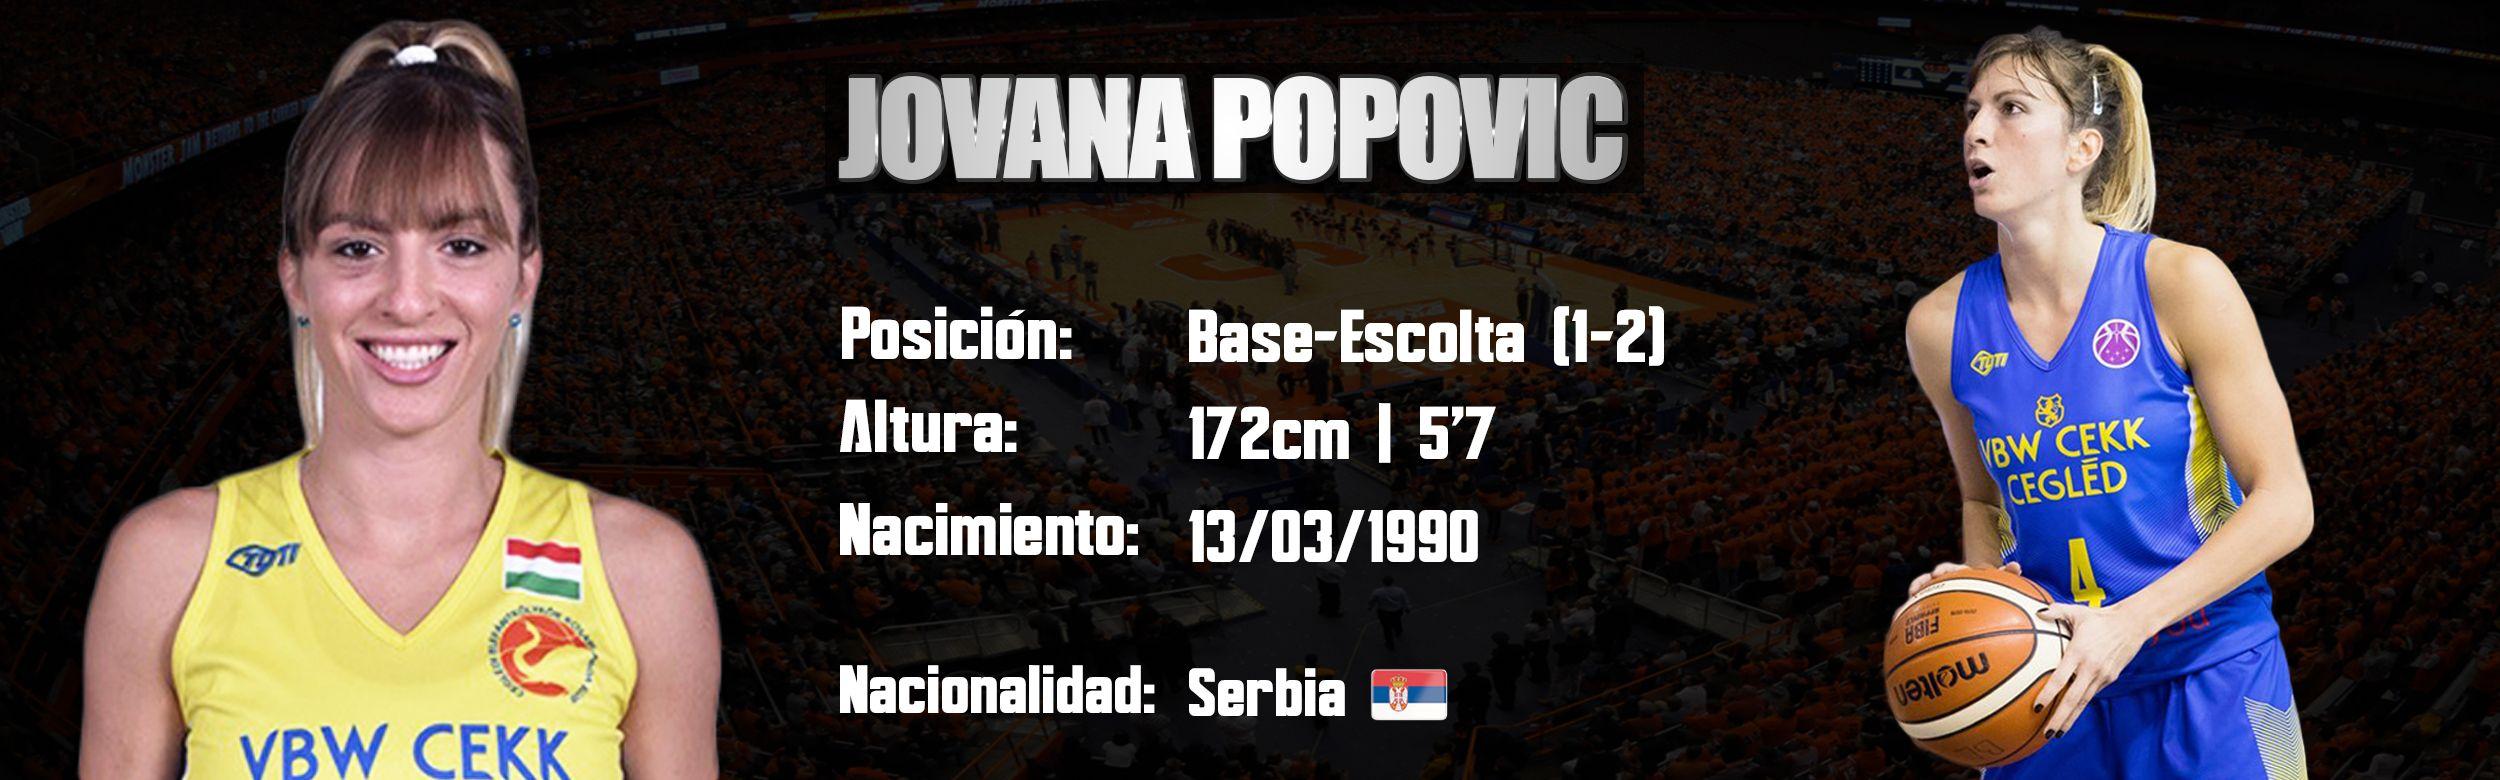 Jovana Popovic